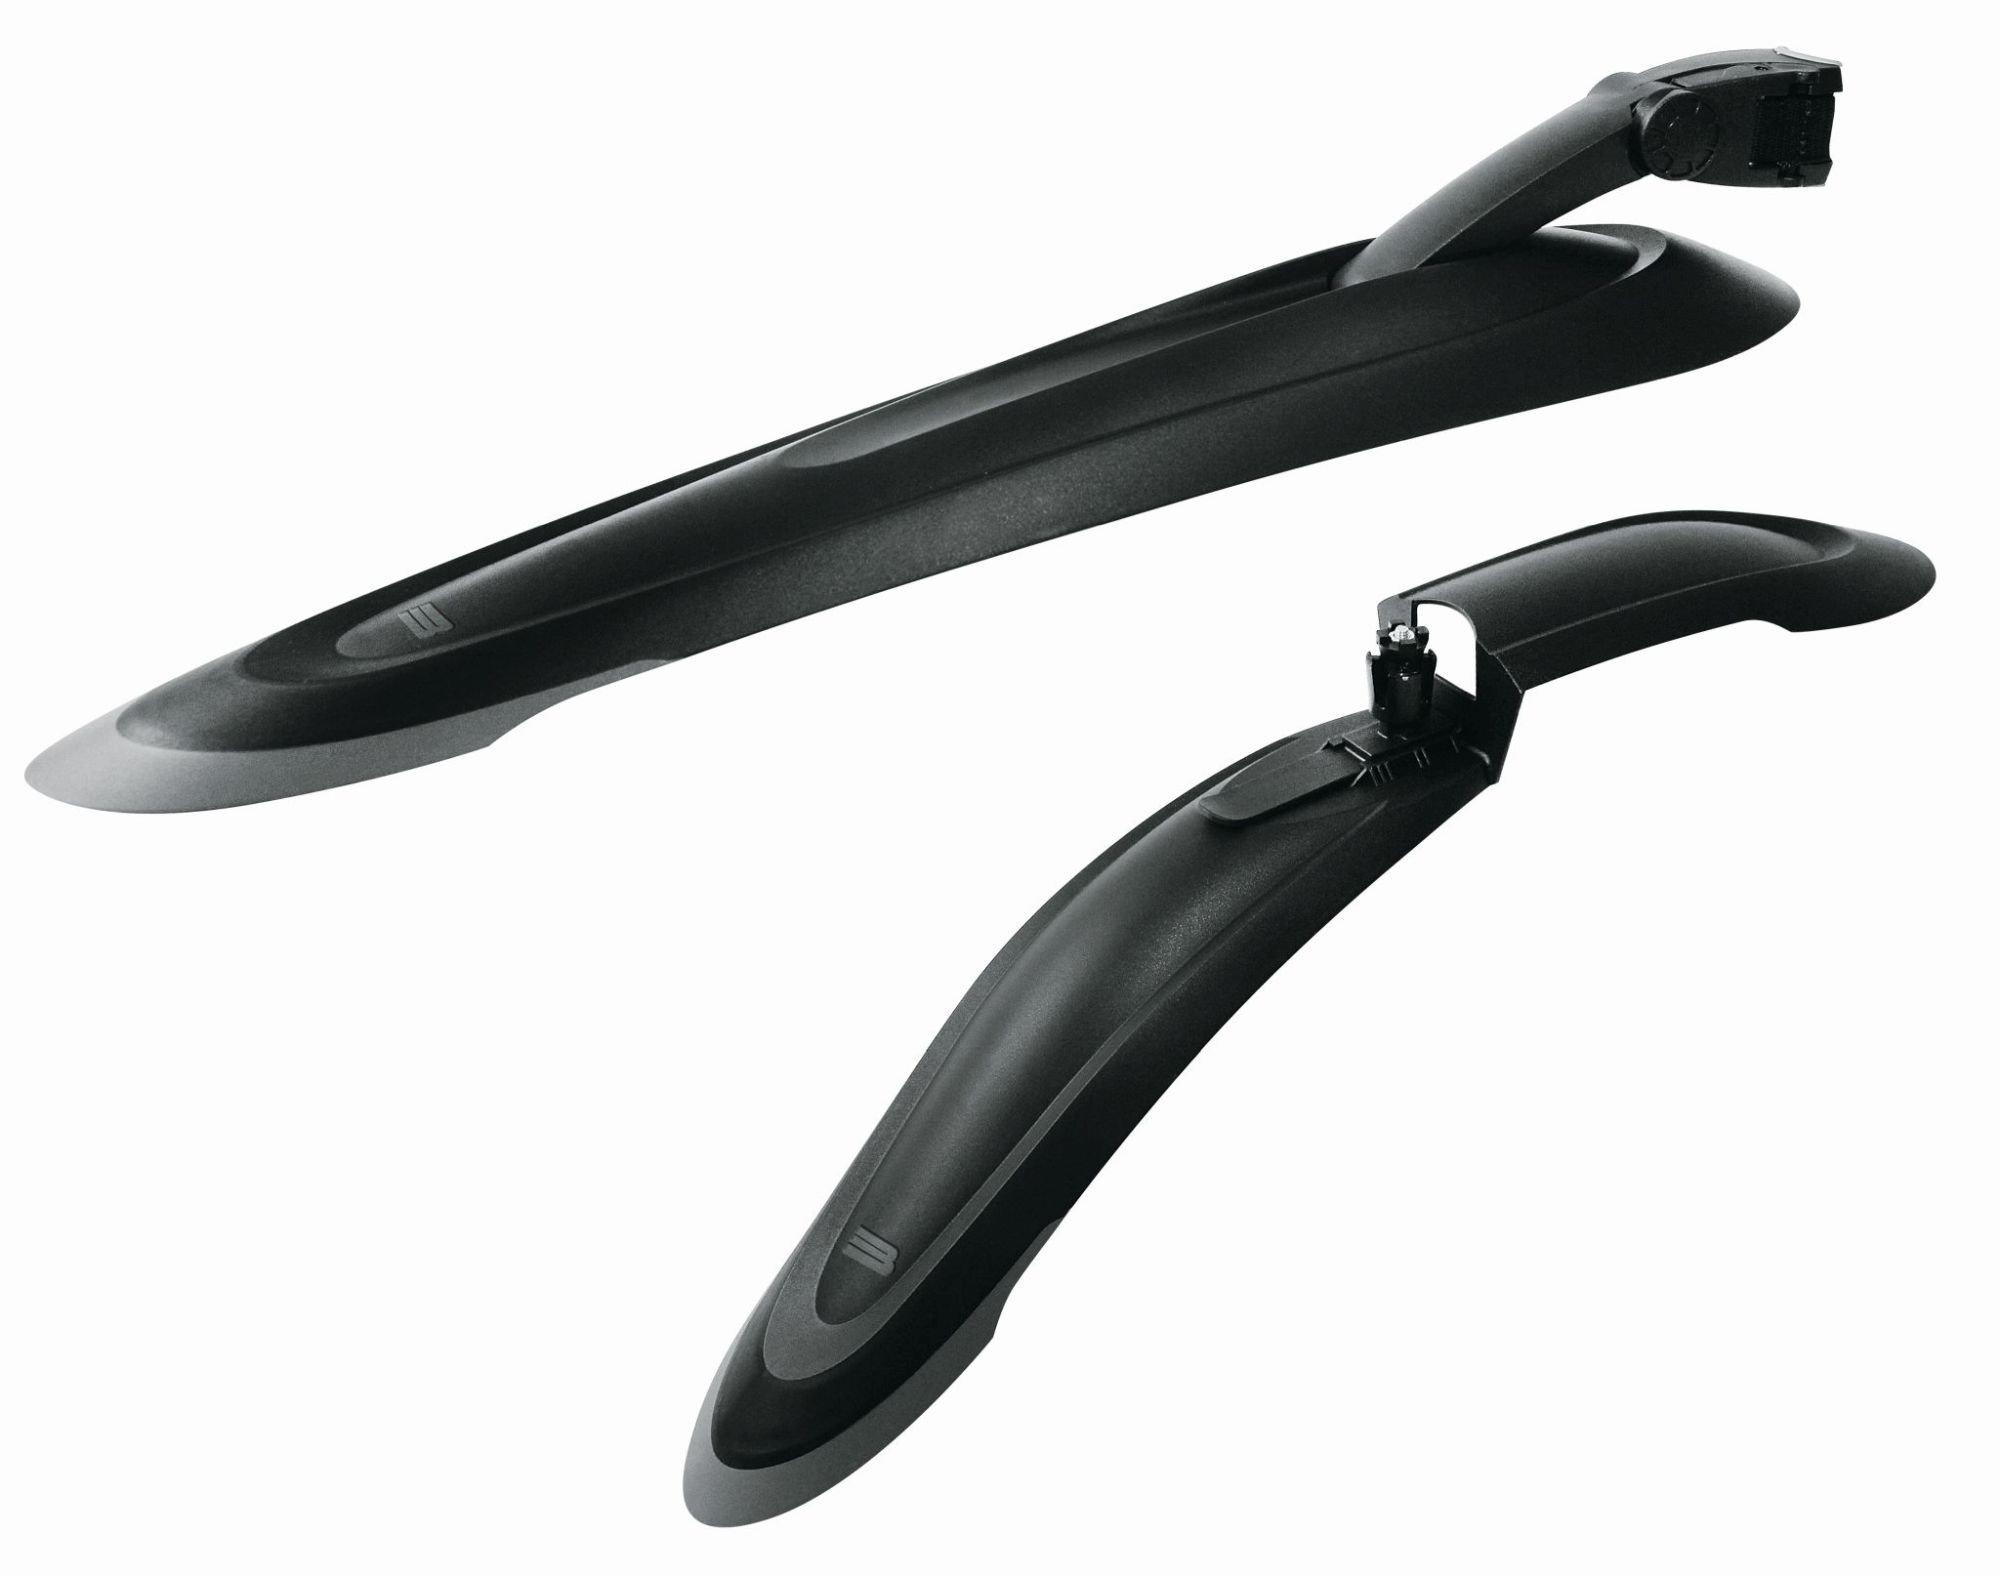 steck-schutzbleche sets/Schutzbleche: Bulls  Blade 29 Zoll Schutzblech-Set